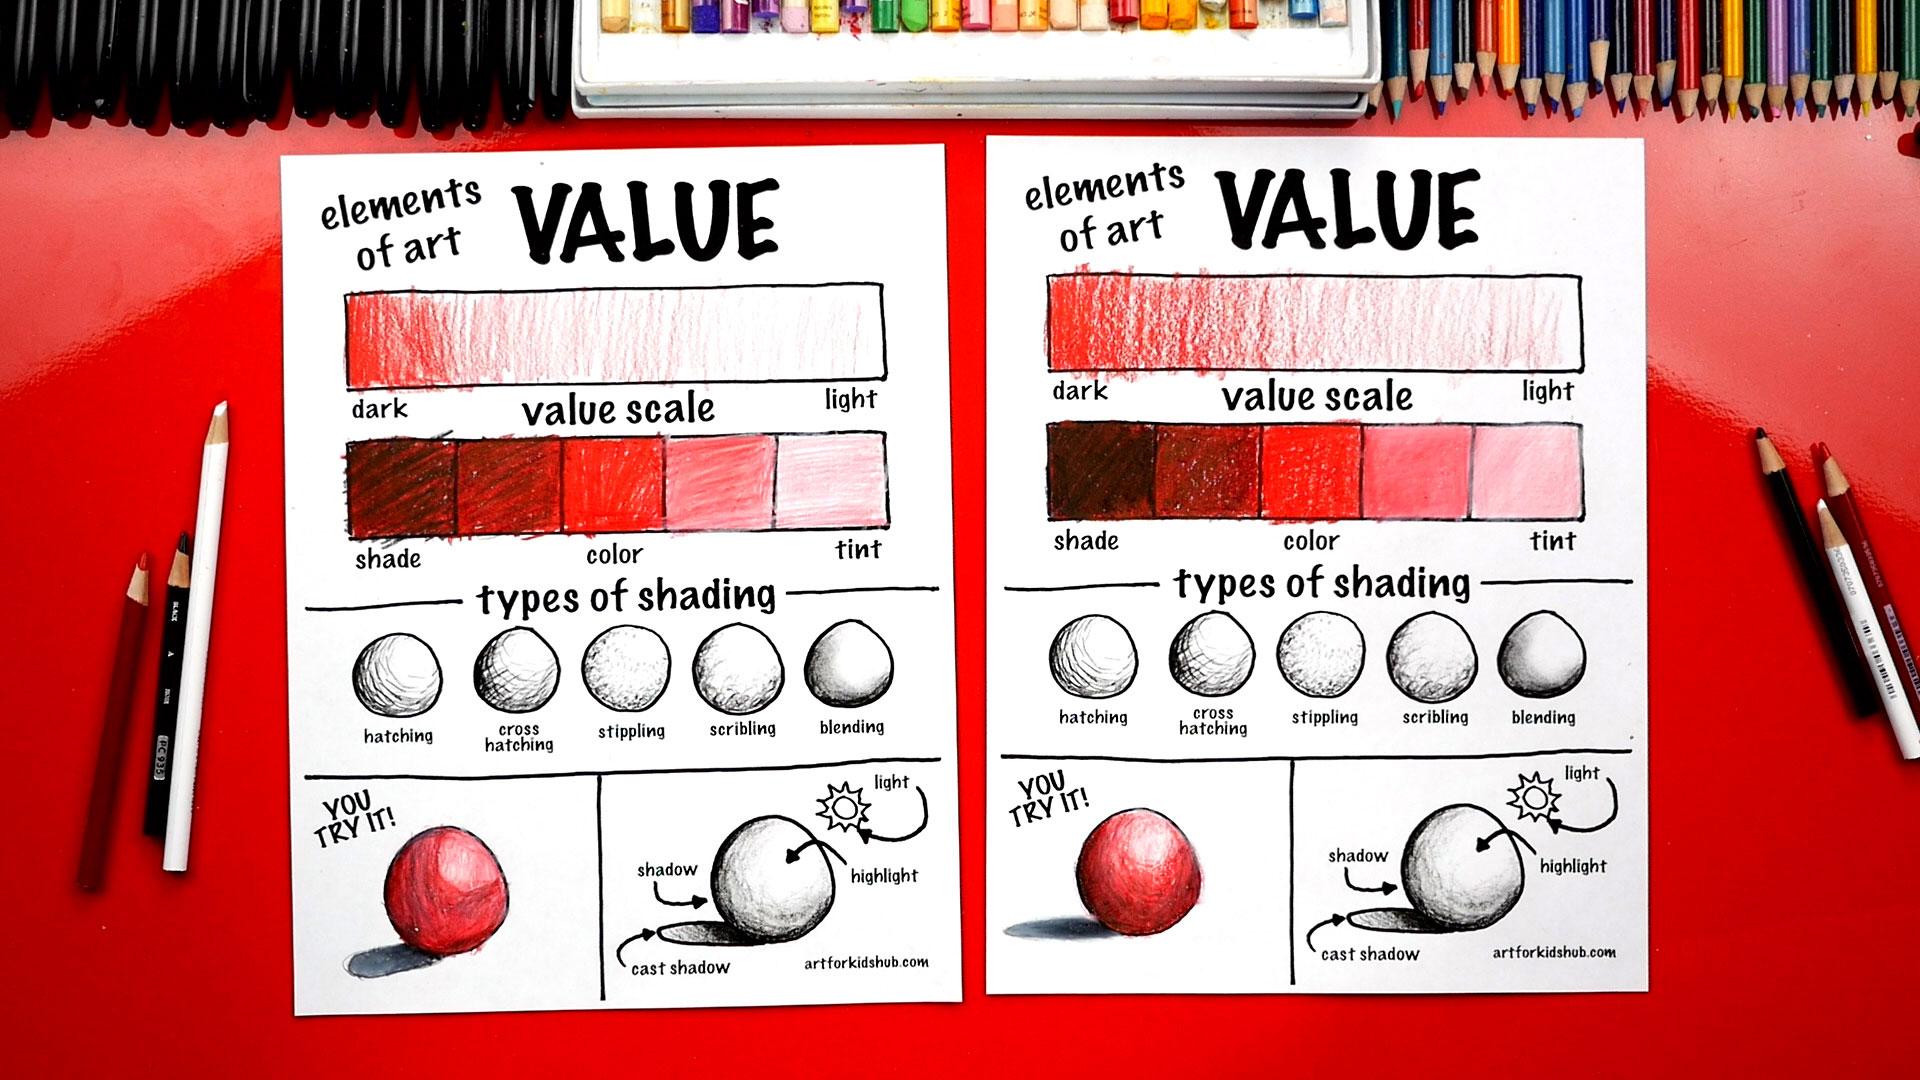 Value Basics